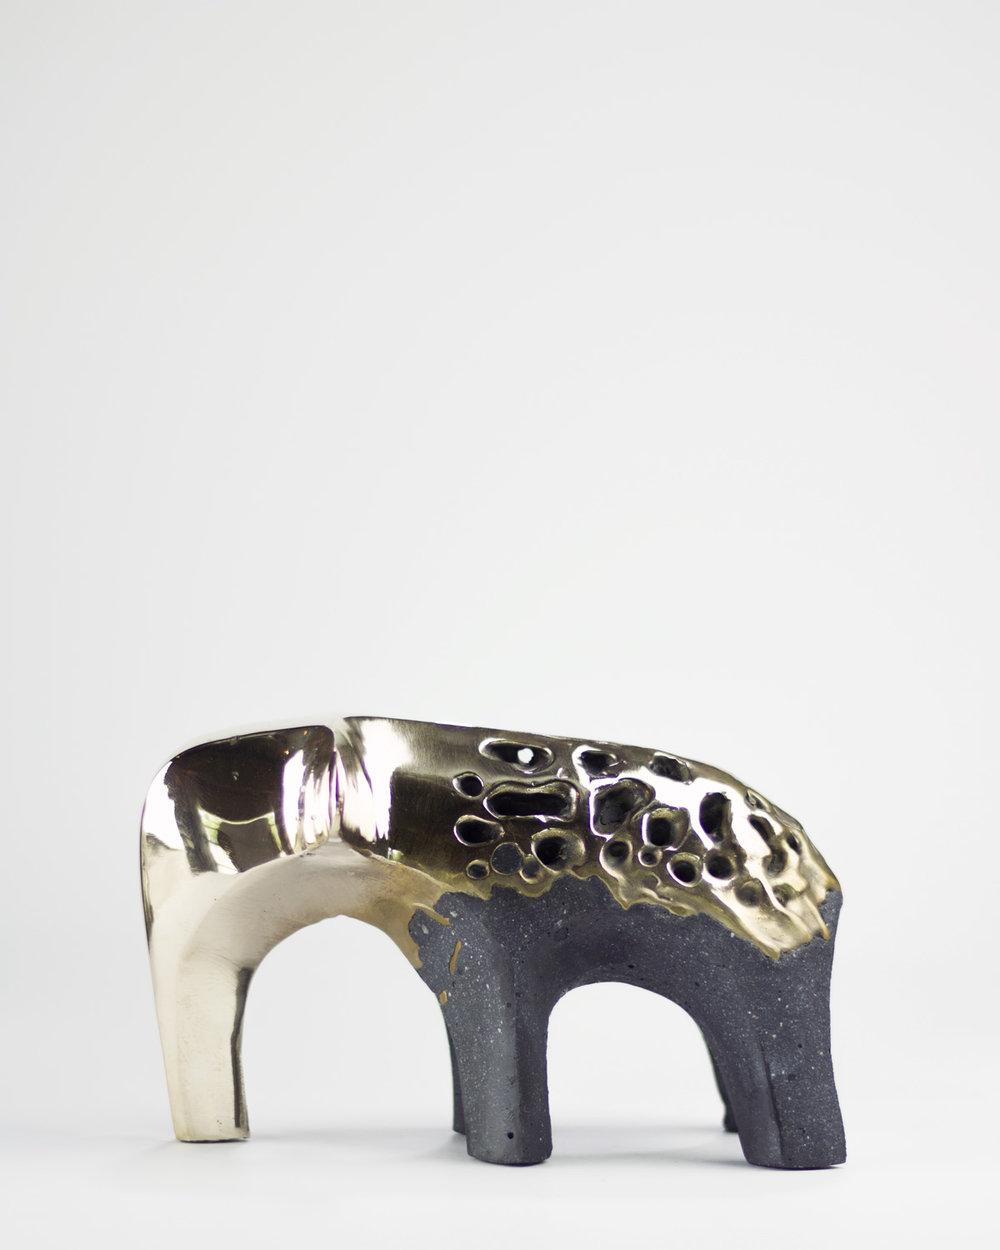 Evo Textured Bronze-Carbon $500